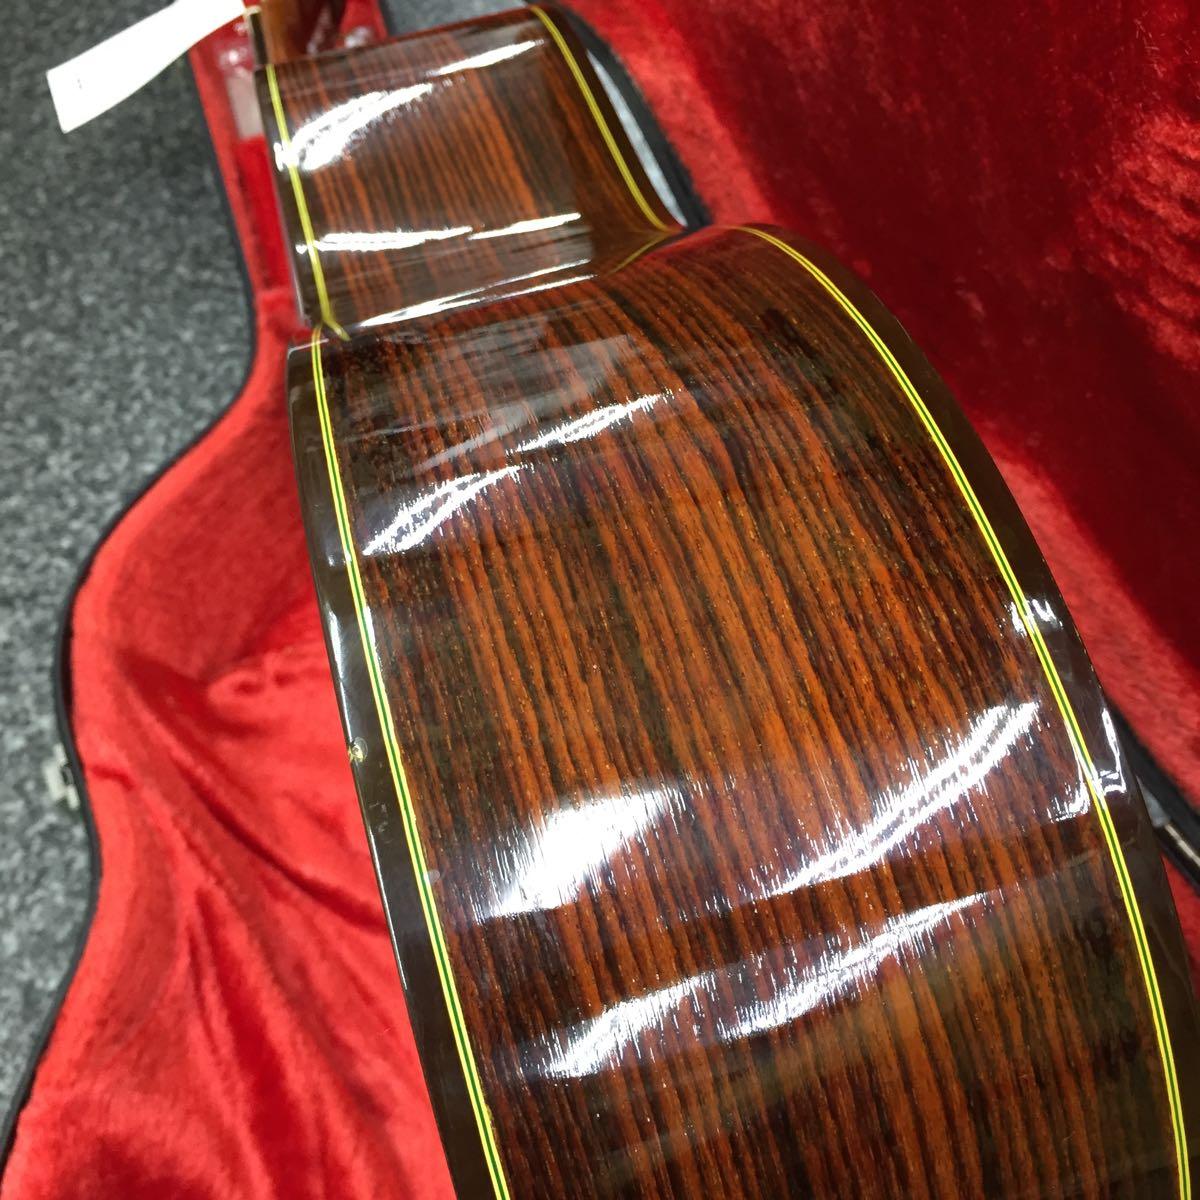 中古 Abe guitar 330 TOP単板 美品 日本製 630mmスケール 調整済 ハードケース付 _画像6